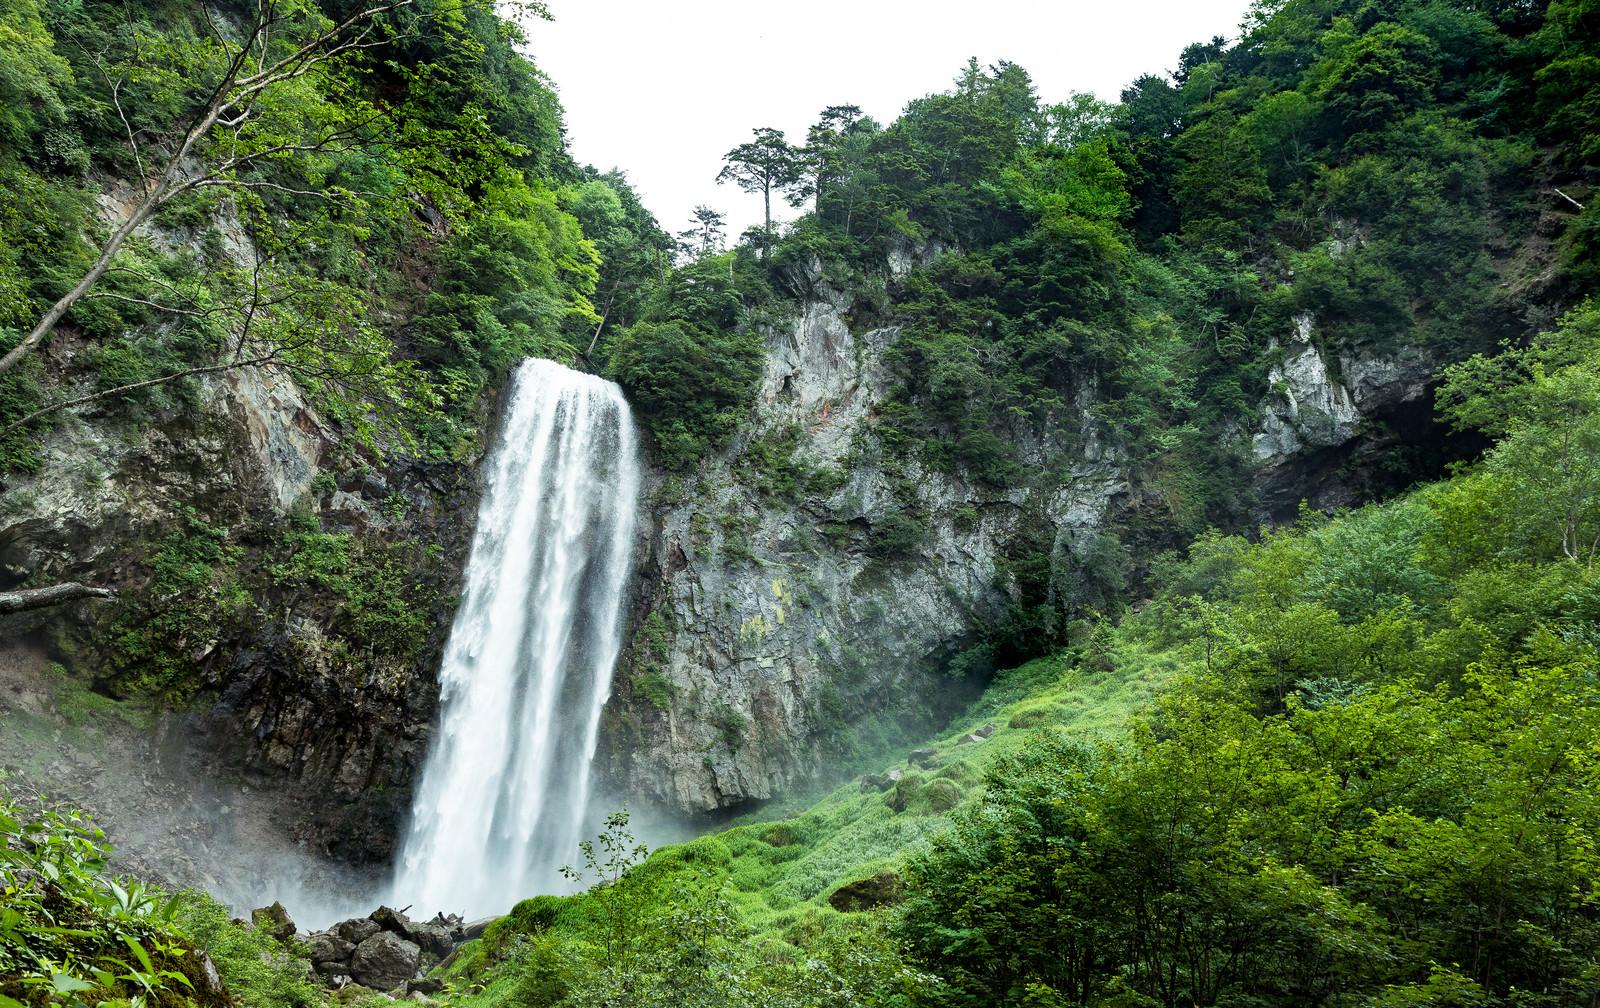 「新緑の平湯大滝新緑の平湯大滝」のフリー写真素材を拡大